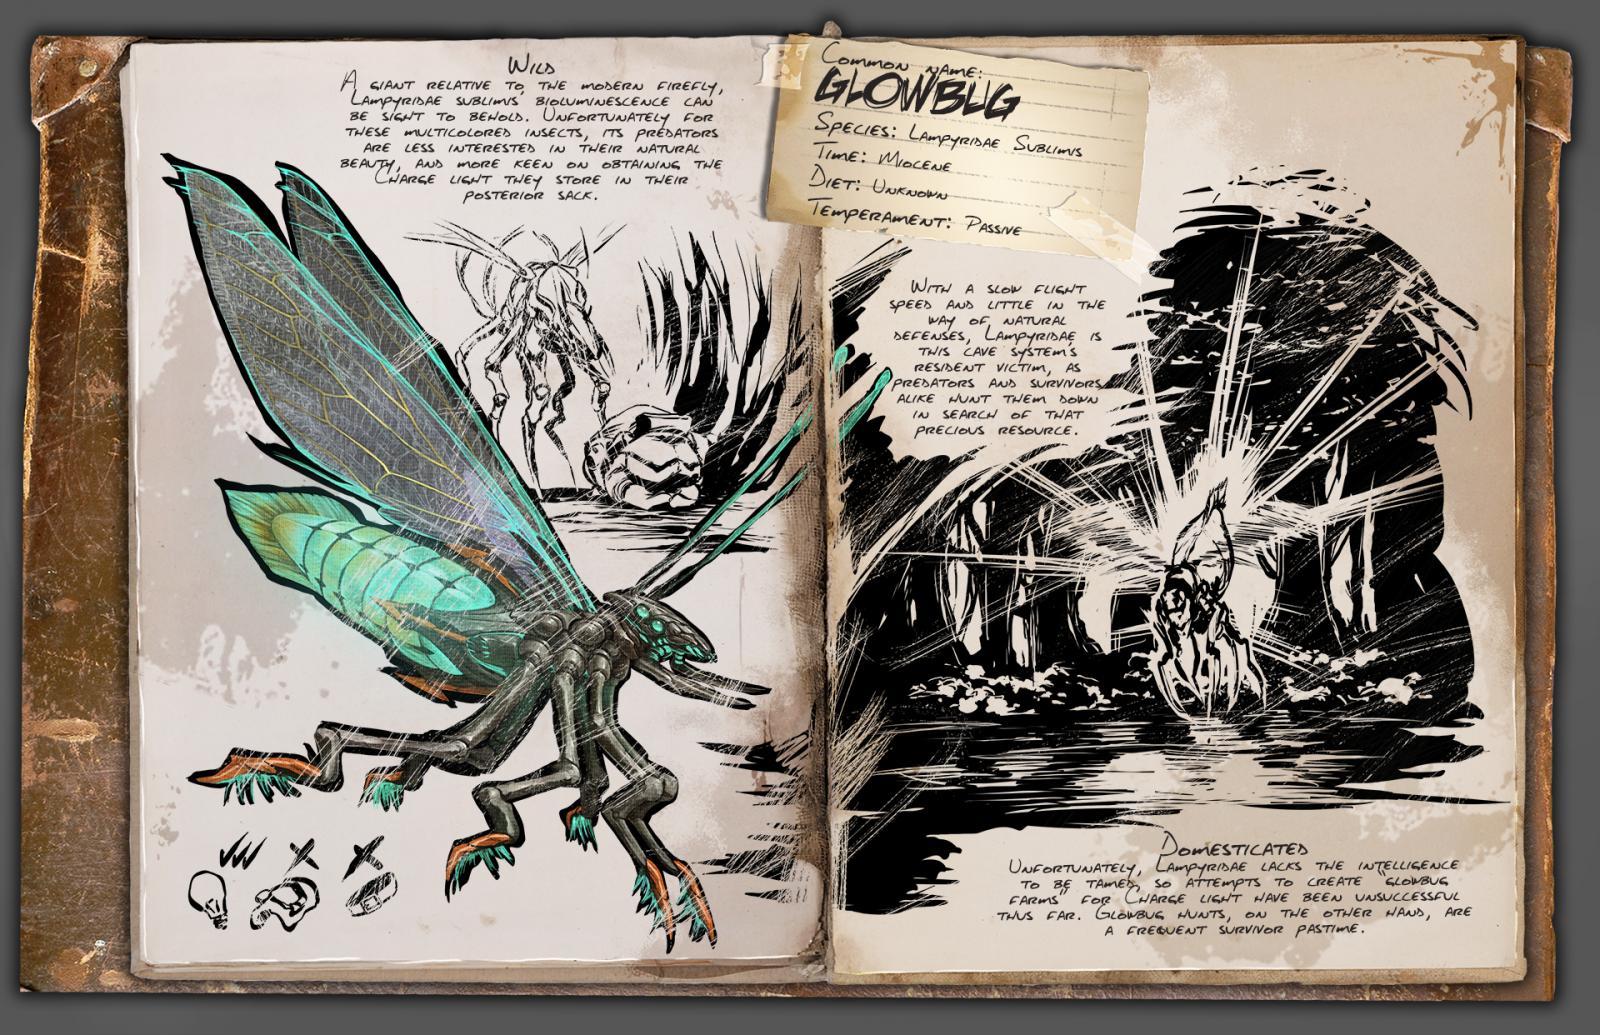 Dino Dossier: Glowbug